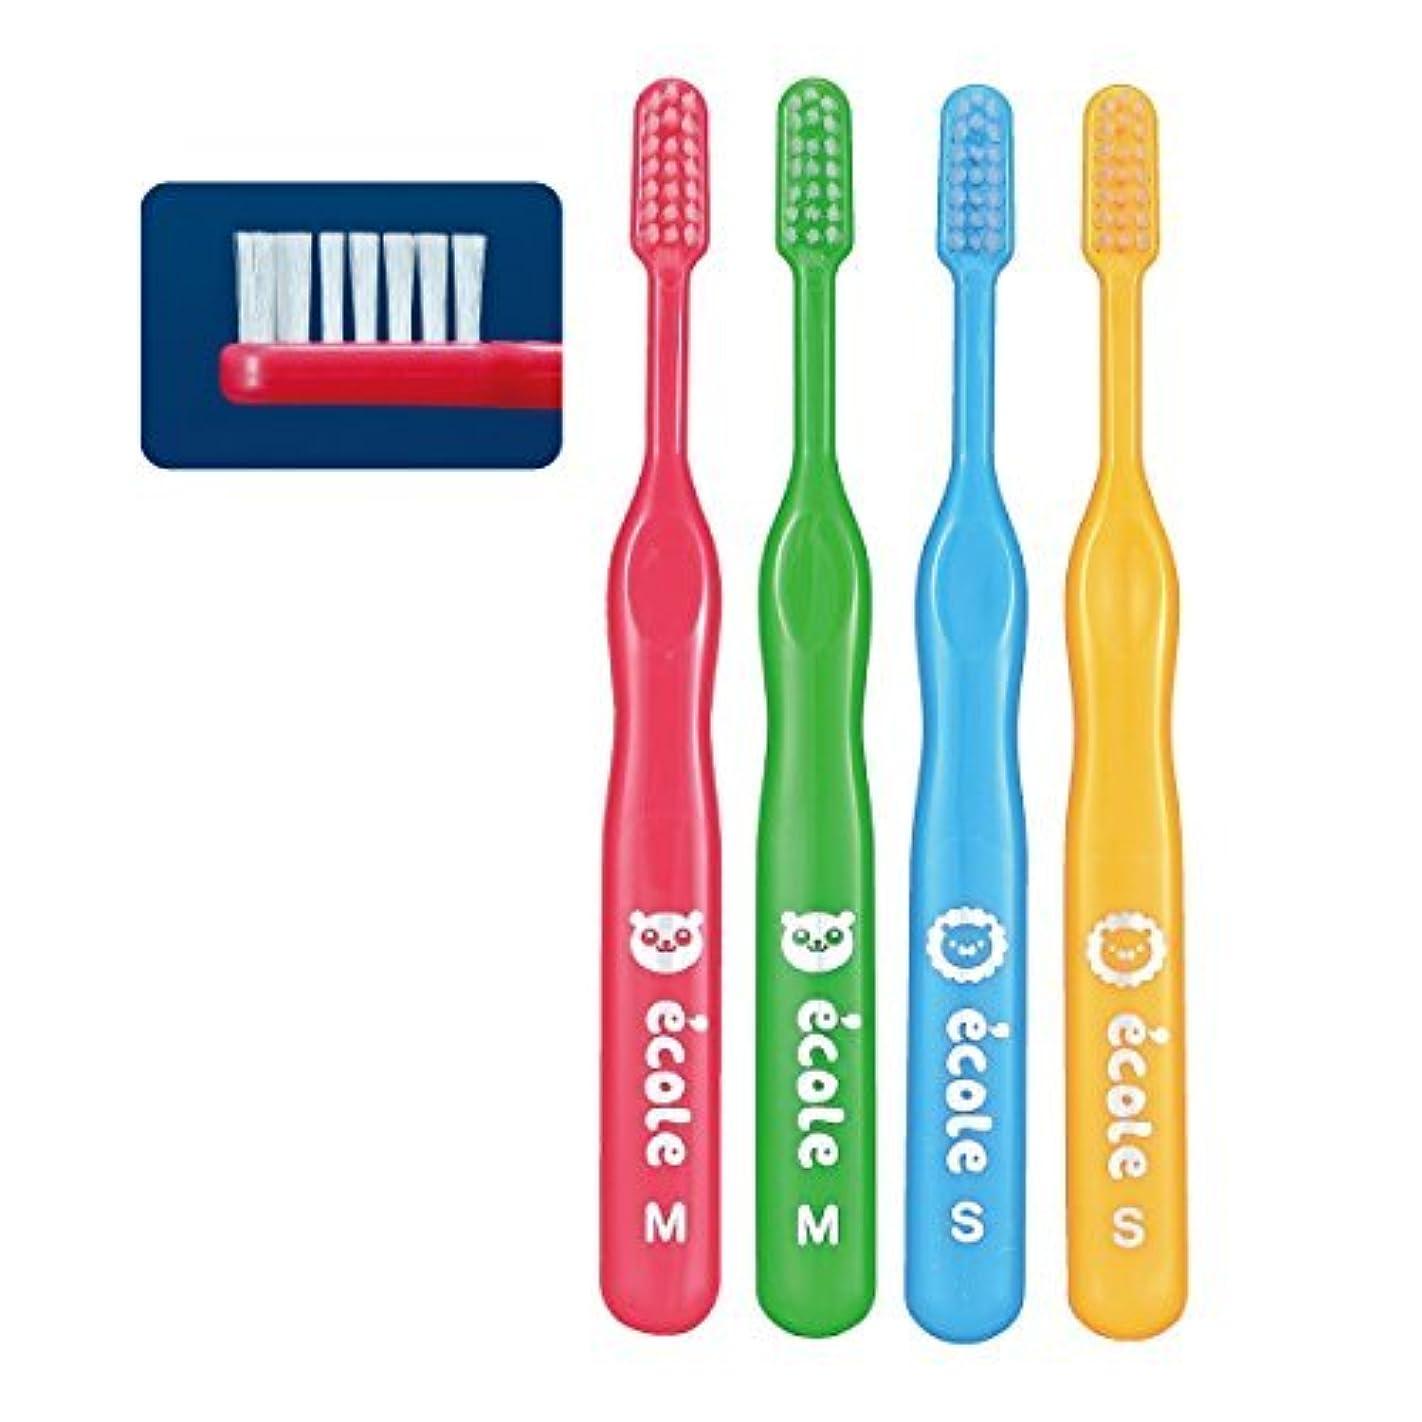 常識汗傾向があるリセラ エコル 幼児~小学生用歯ブラシ Mふつう 24本入り